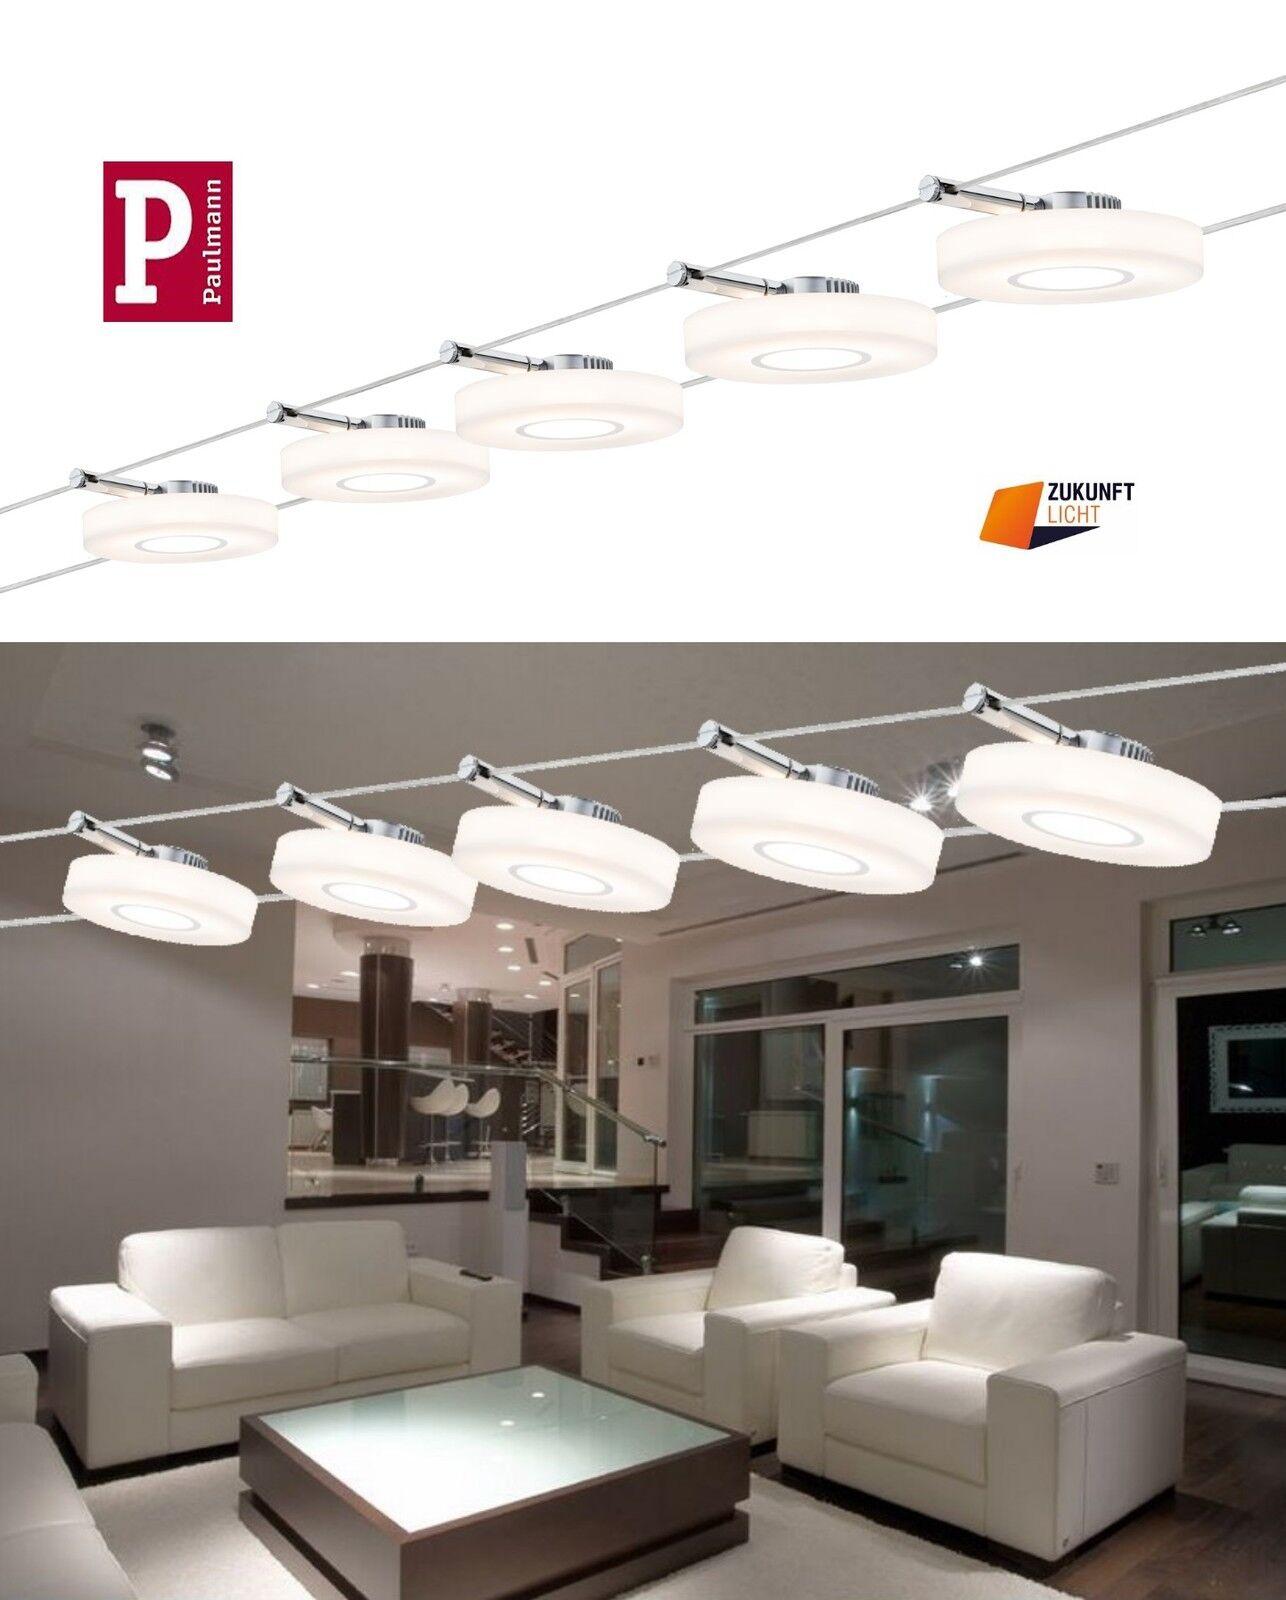 paulmann led seilsystem discled i 5x4w 12v neuste led technik art 94109 new ebay. Black Bedroom Furniture Sets. Home Design Ideas